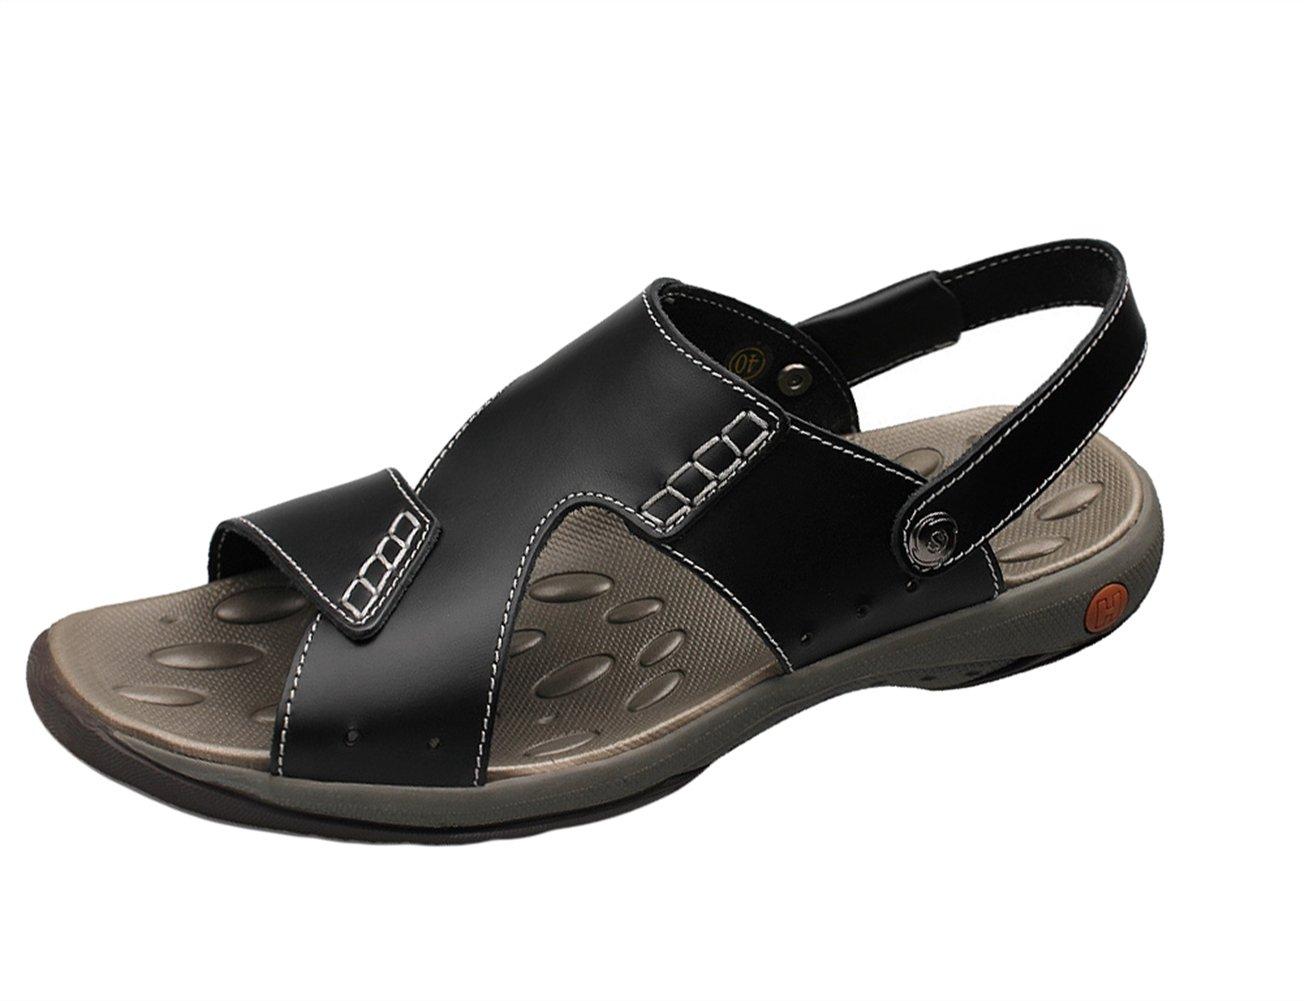 Insun Sandalias Para Hombre Cuero Casuales Sandalias Playa Zapatos 45 EU Negro